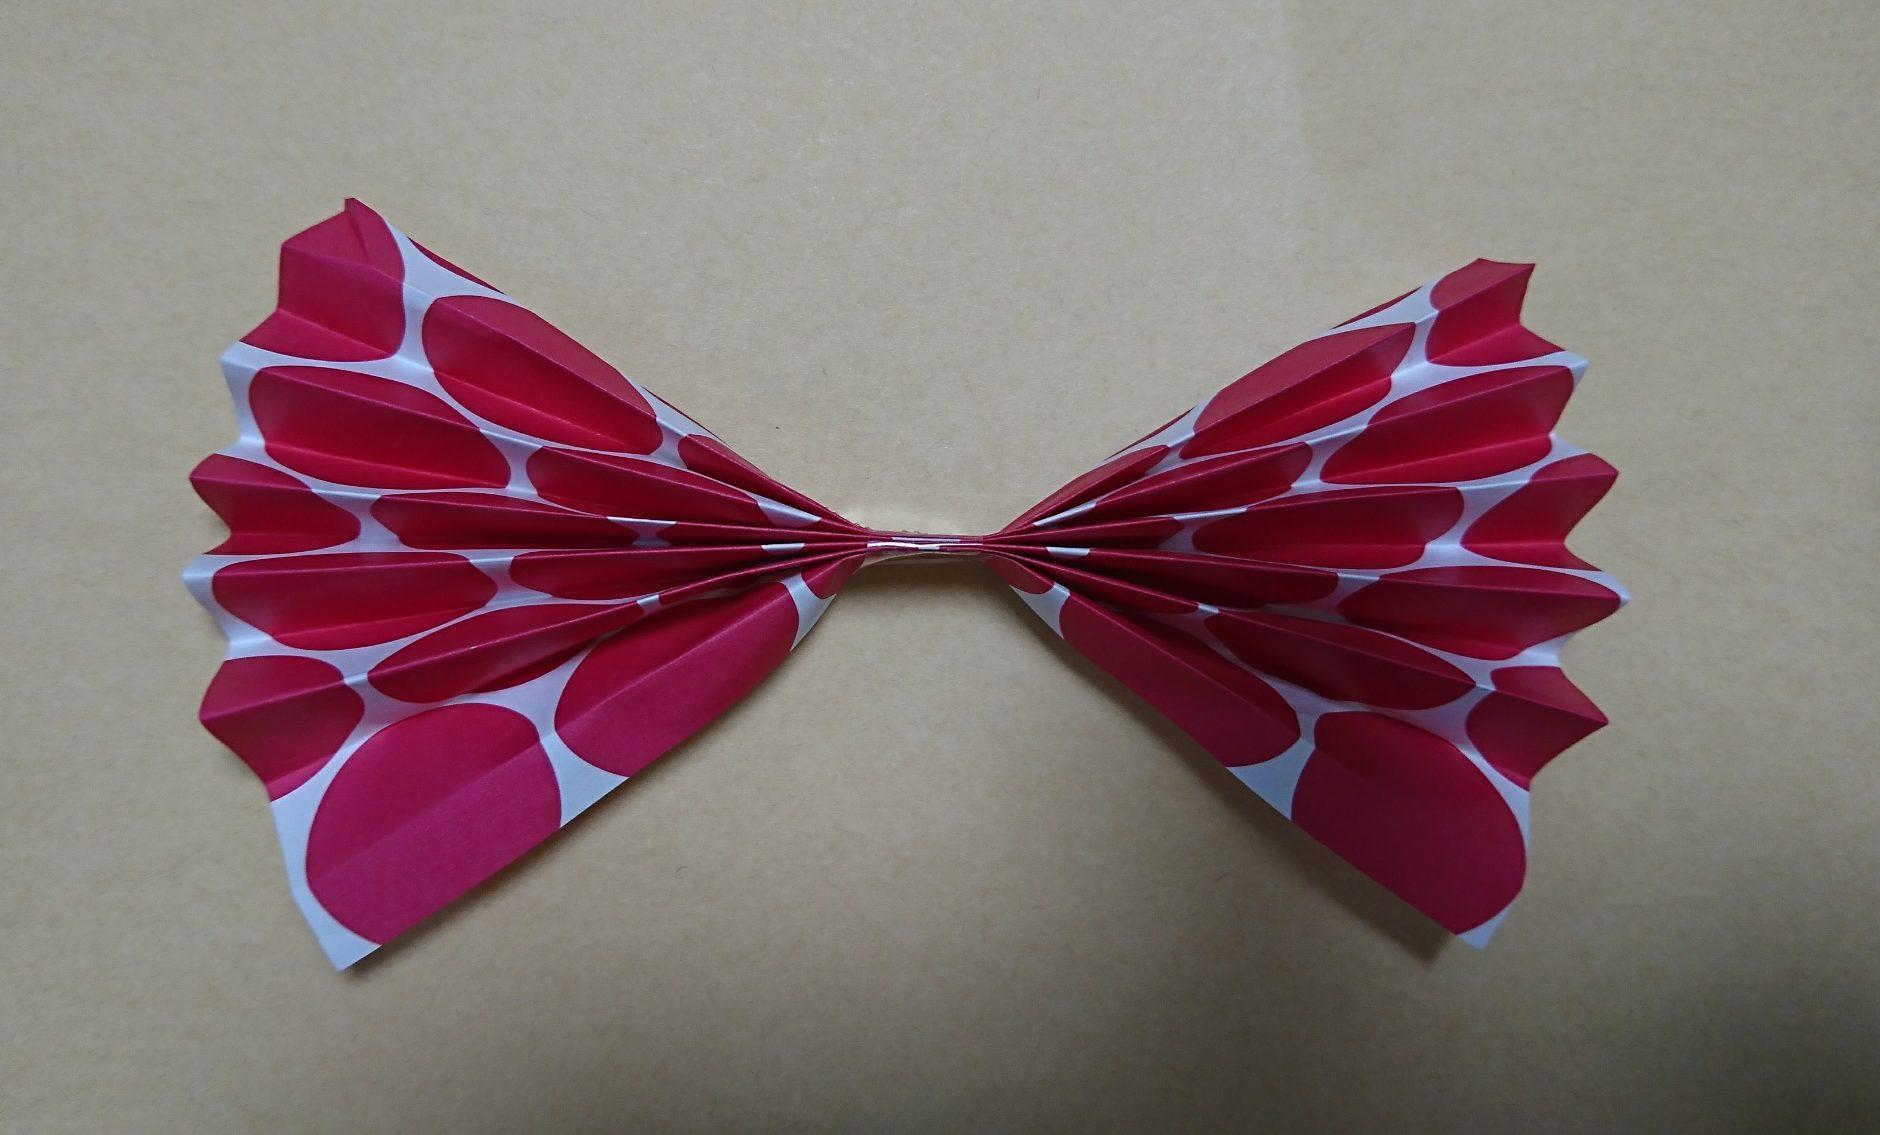 幼稚園児でも作れるジャバラリボンの折り紙の作り方。りぼん活用法も